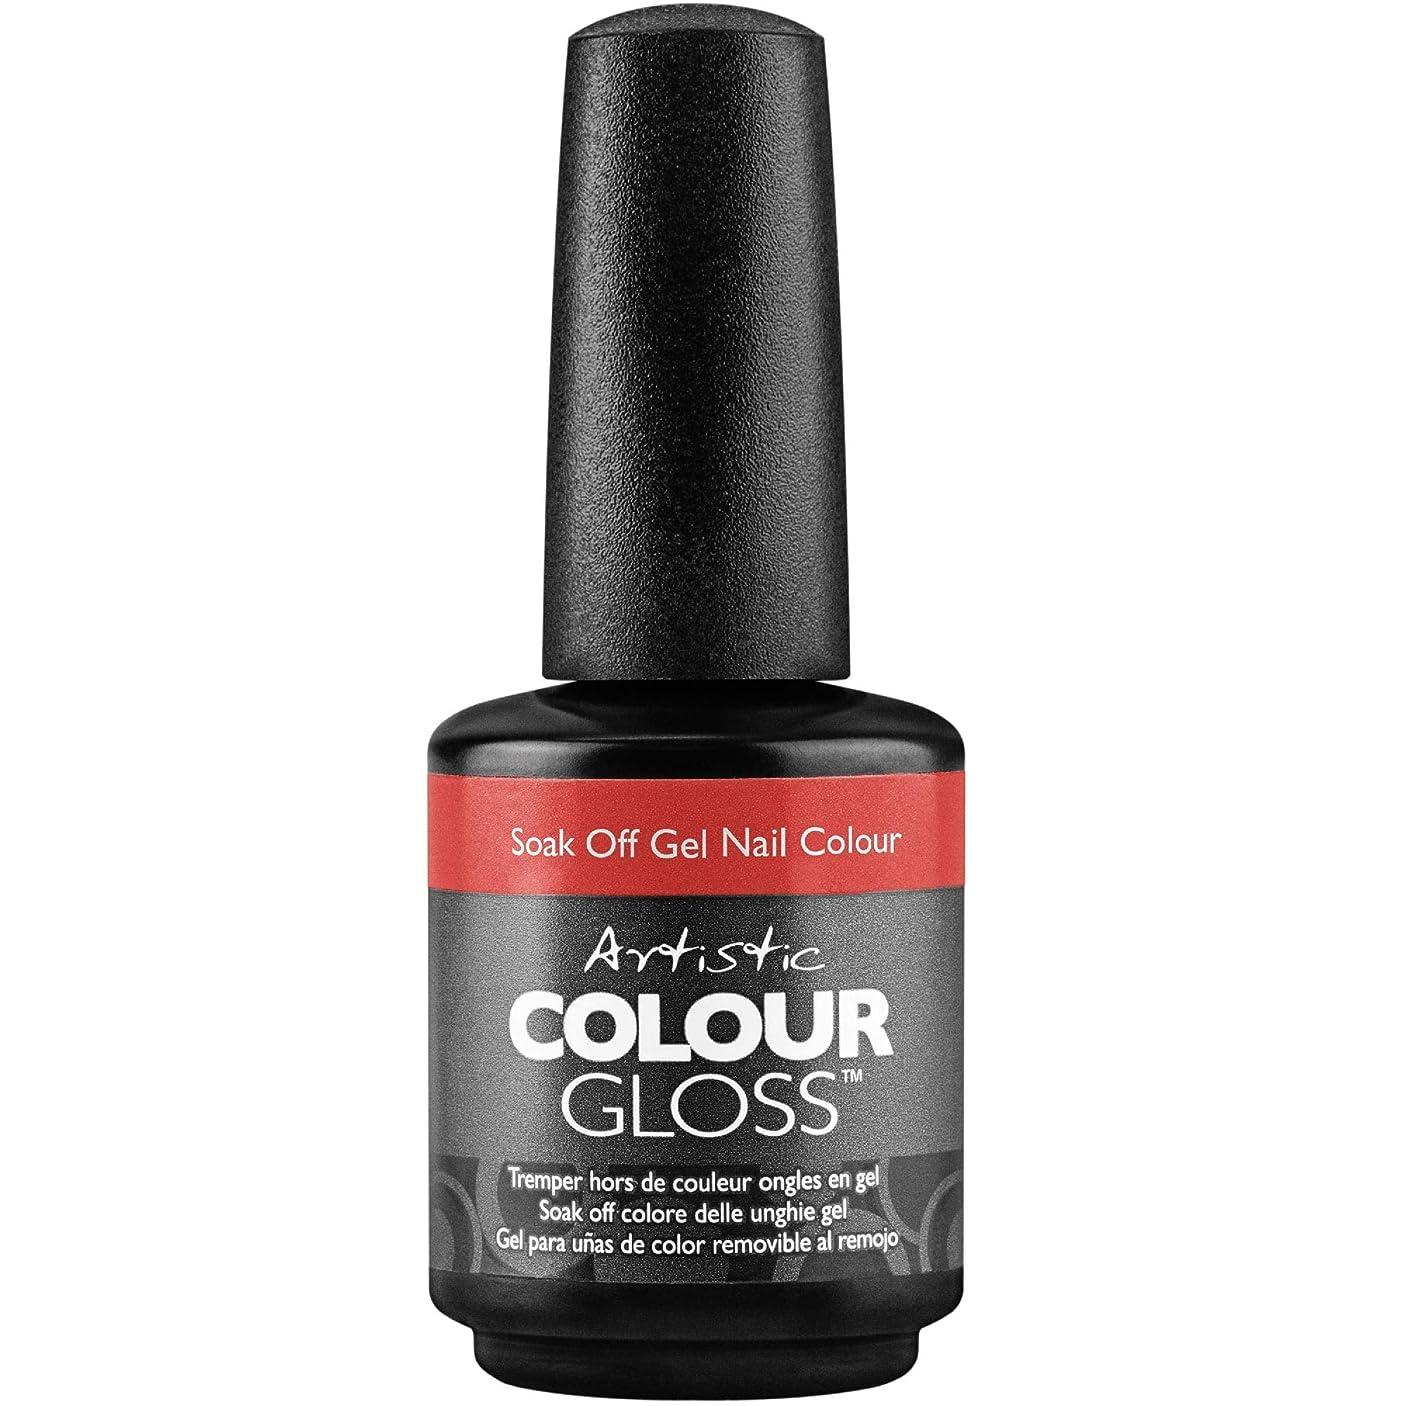 泥だらけまだそうArtistic Colour Gloss - Little Red Suit - 0.5oz / 15ml